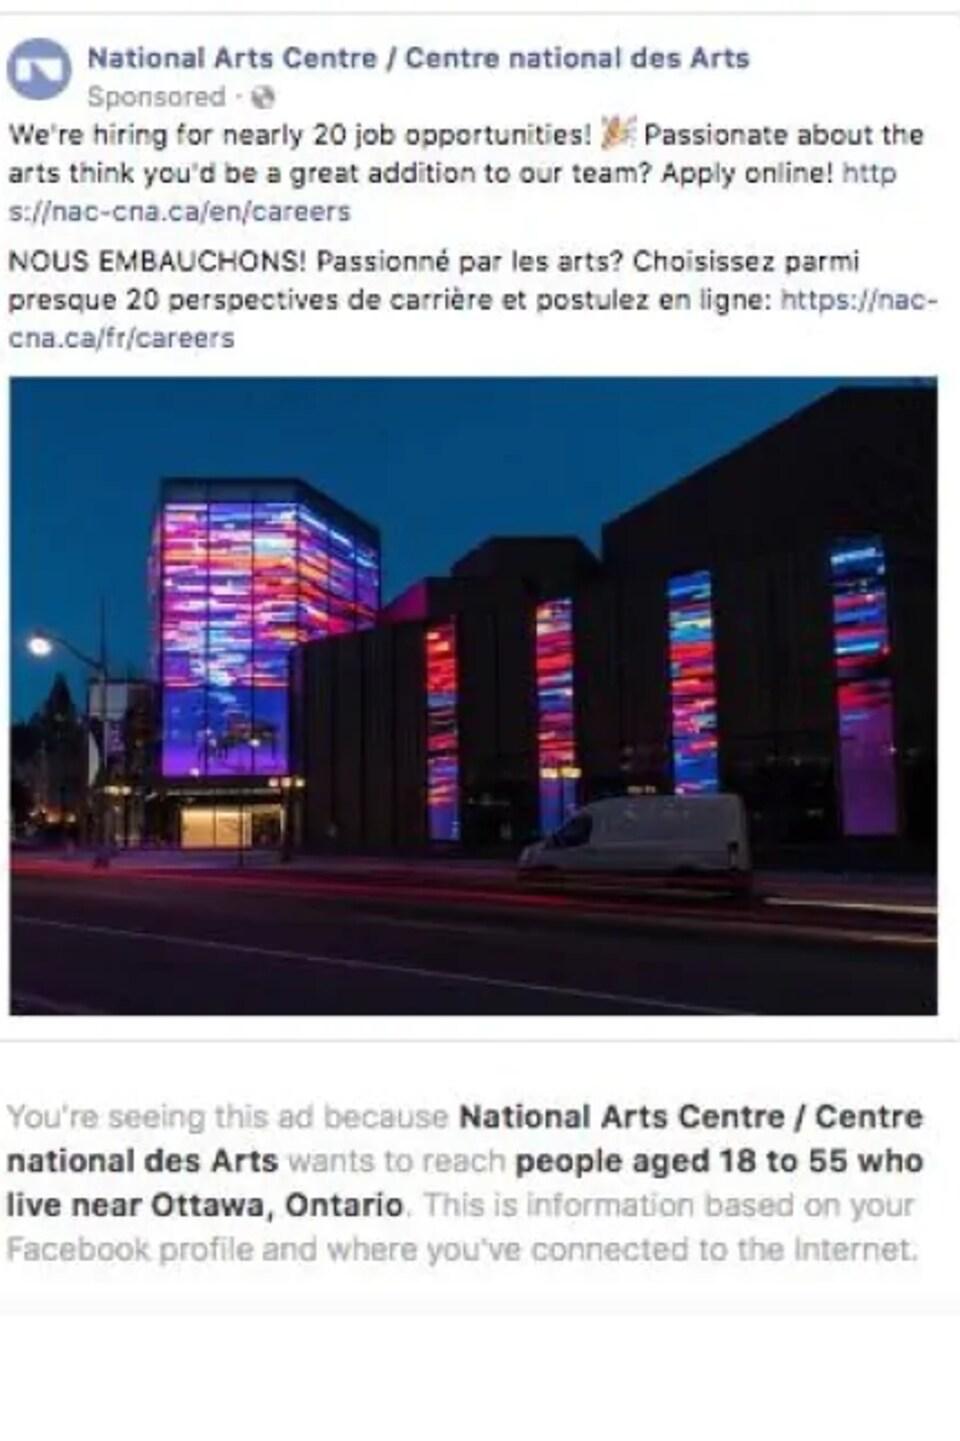 Une publicité bilingue du Centre national des arts cherche des candidats pour postuler l'un ou l'autre d'une vingtaine d'emplois. Au bas de l'annonce, Facebook indique que l'abonné voit la publicité parce que le Centre veut joindre des gens de 18 à 55 ans.